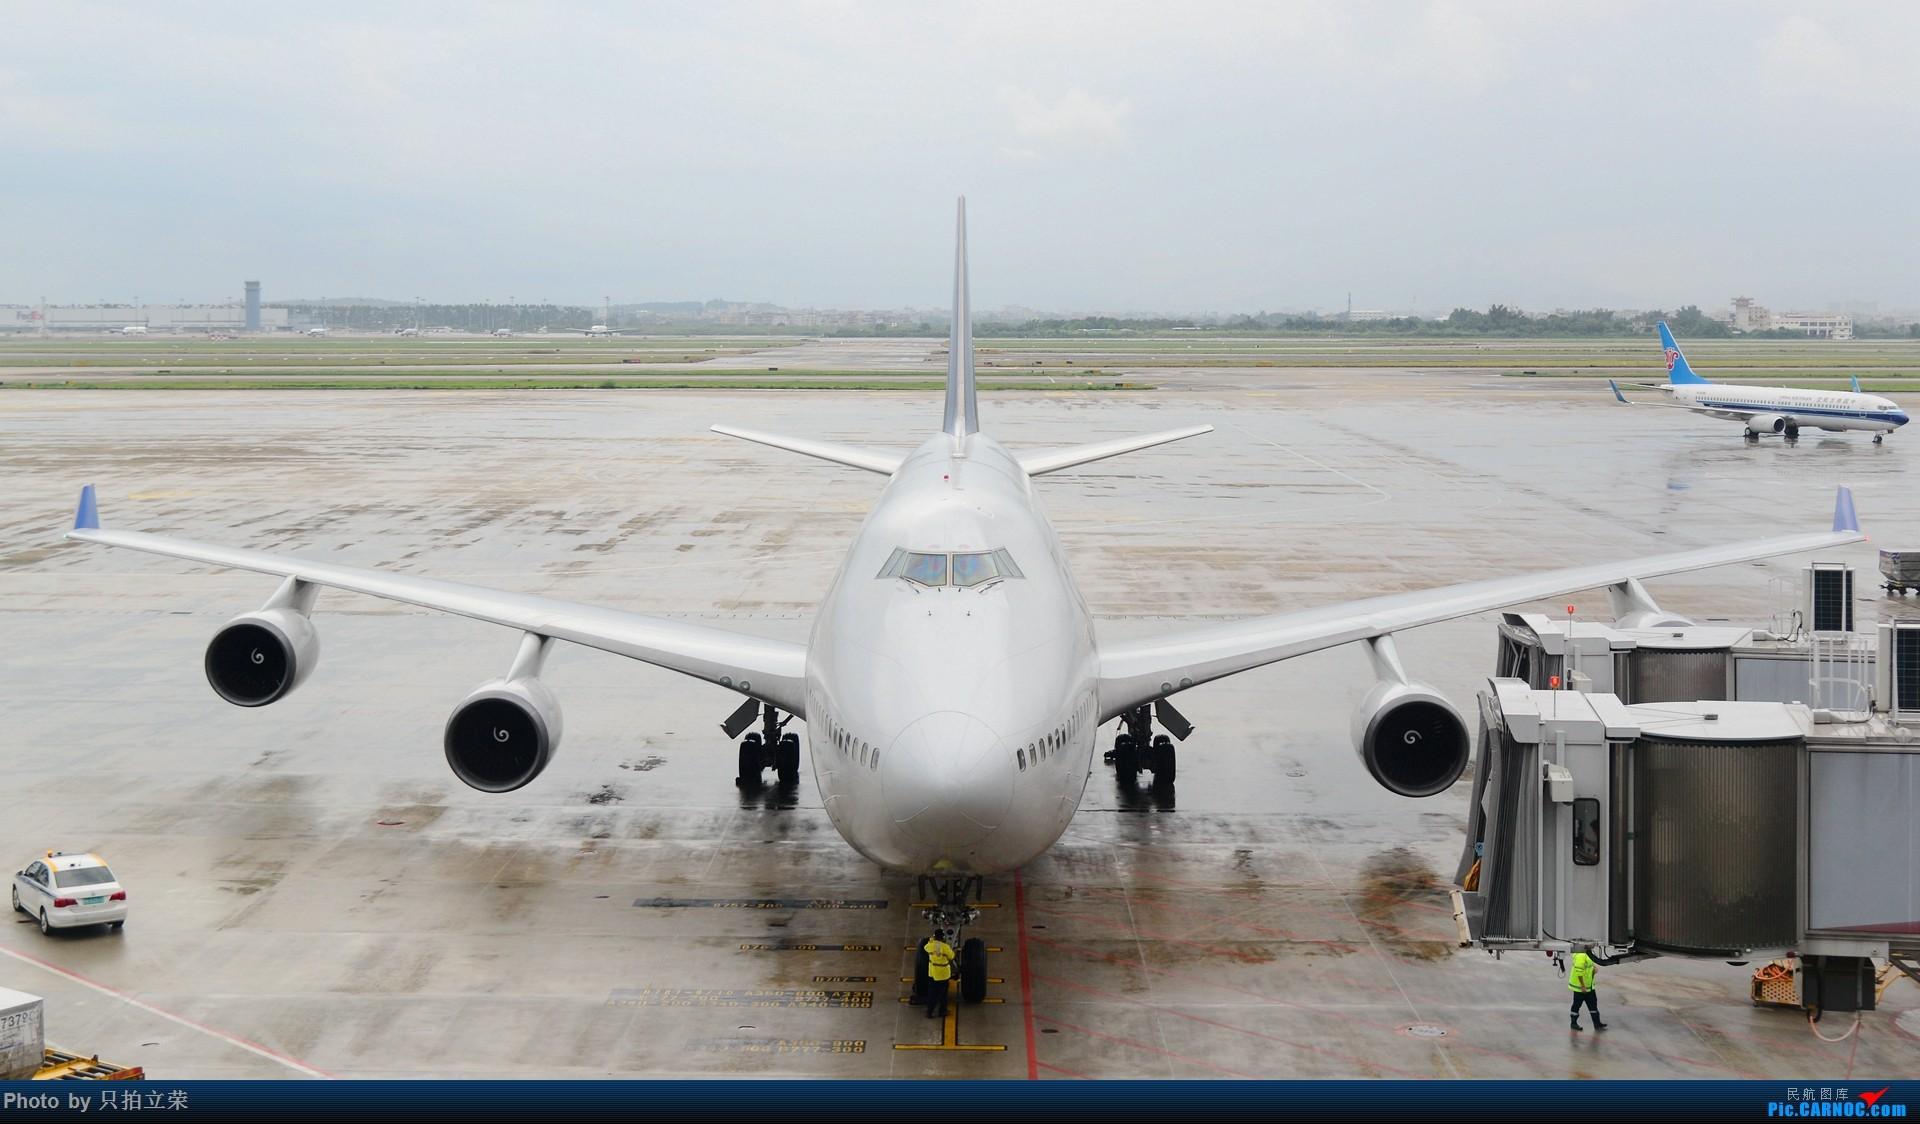 Re:[原创]湖南飞友会:只拍立荣回归。马来之旅航站楼杂图一堆。 BOEING 747-400 B-18211 中国广州白云国际机场